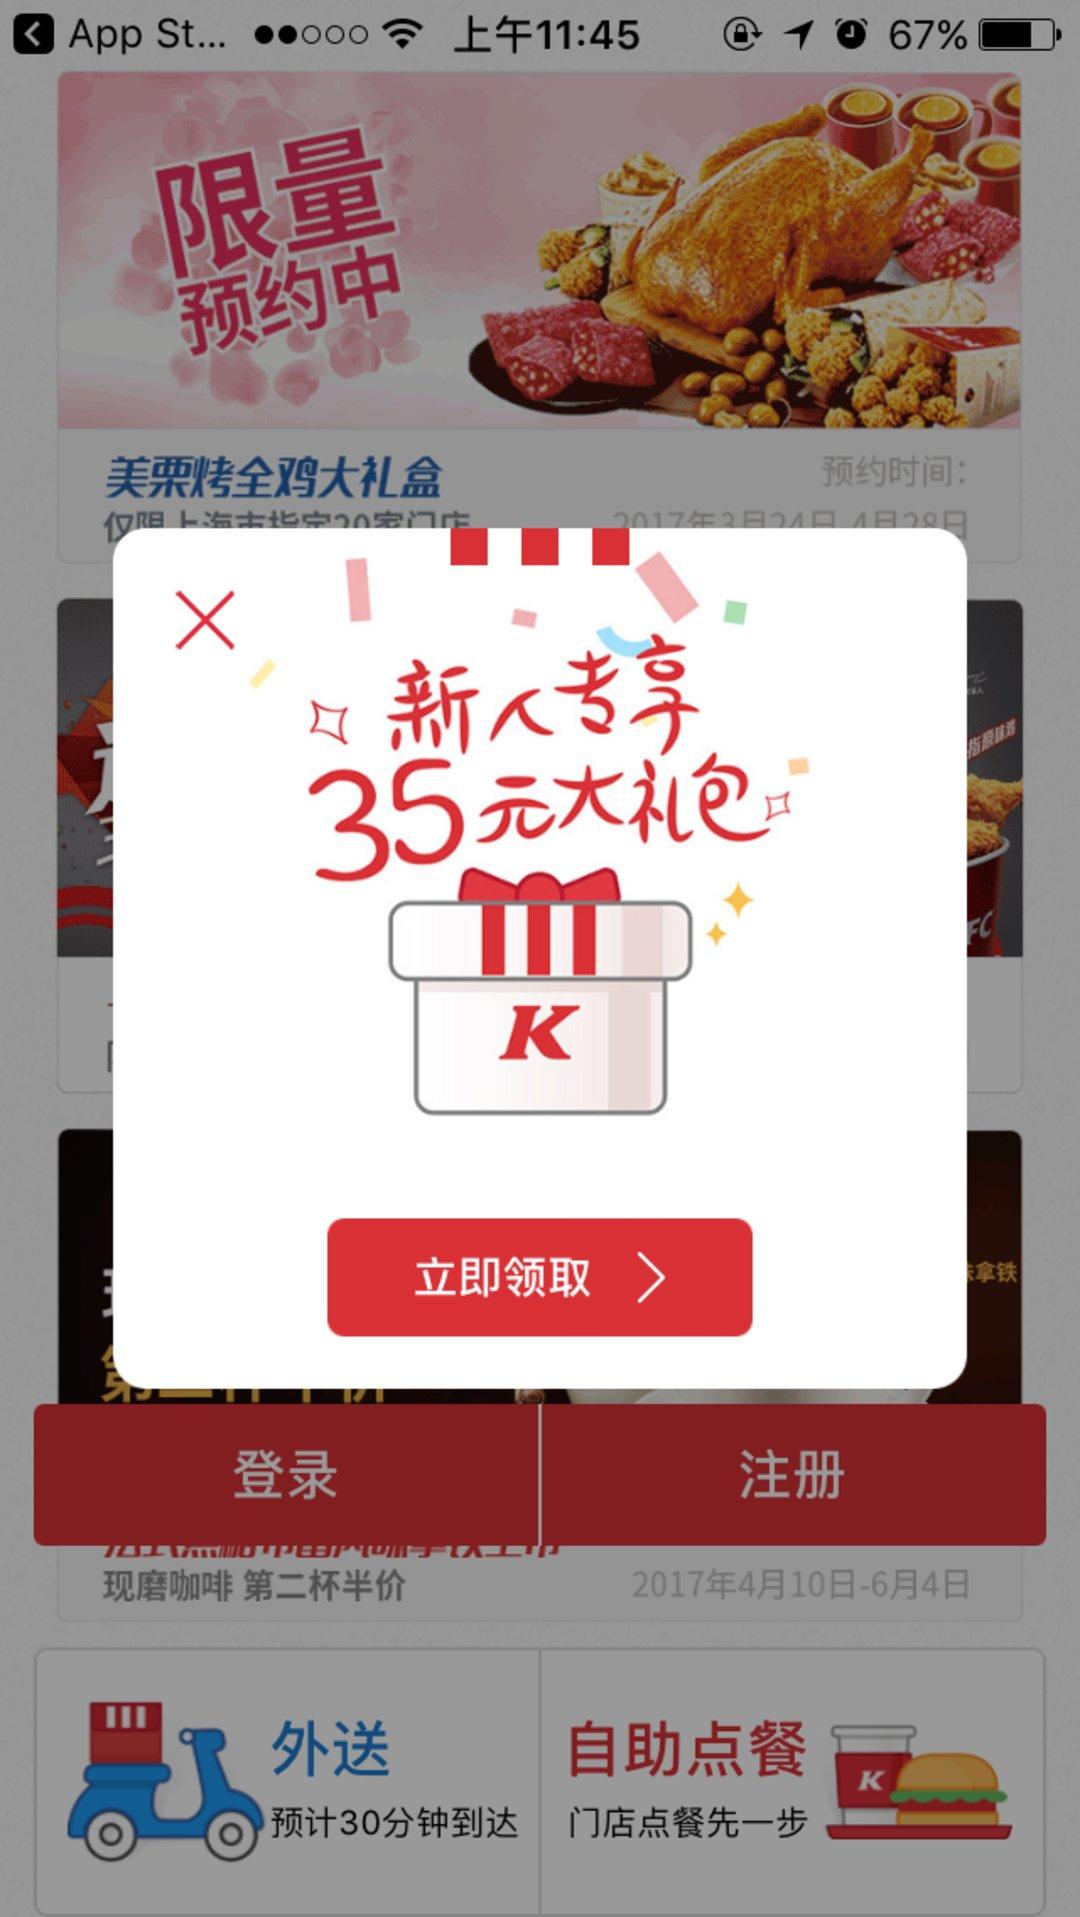 麦当劳中国上线了手机订餐 App,我们先评测了下_商业_好奇心日报